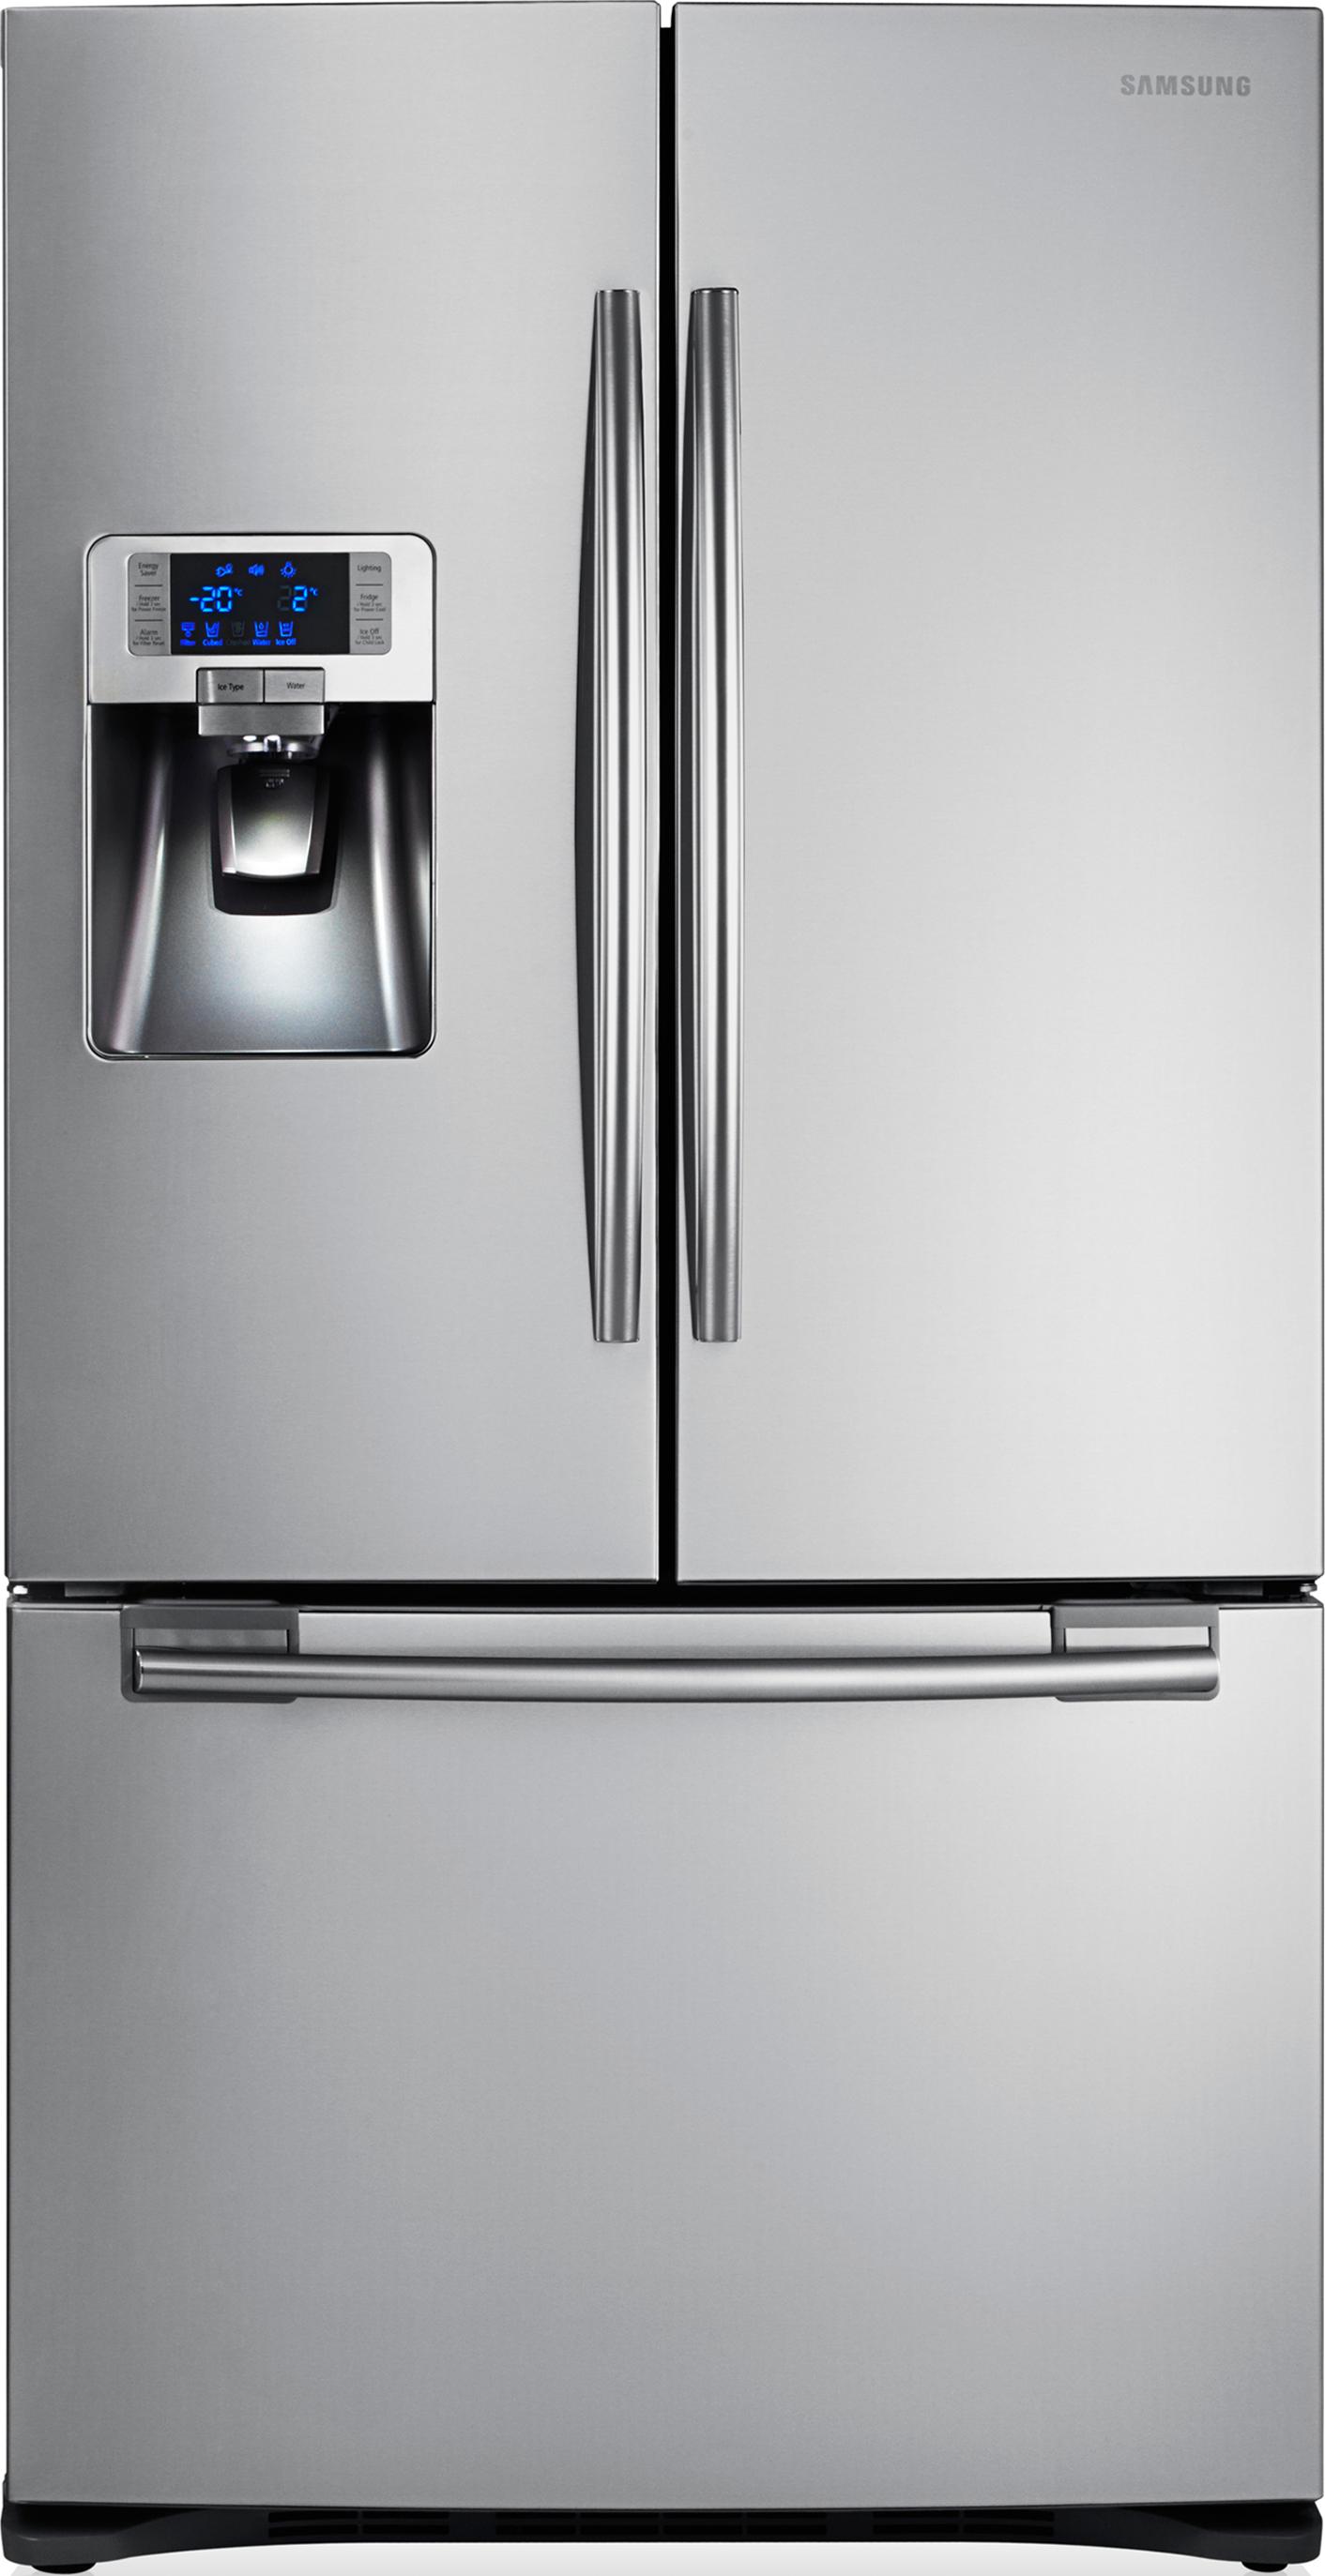 De Samsung RFG23UERS1 is een geheel nieuw design met vriesgedeelte onder en groot koelgedeelte boven